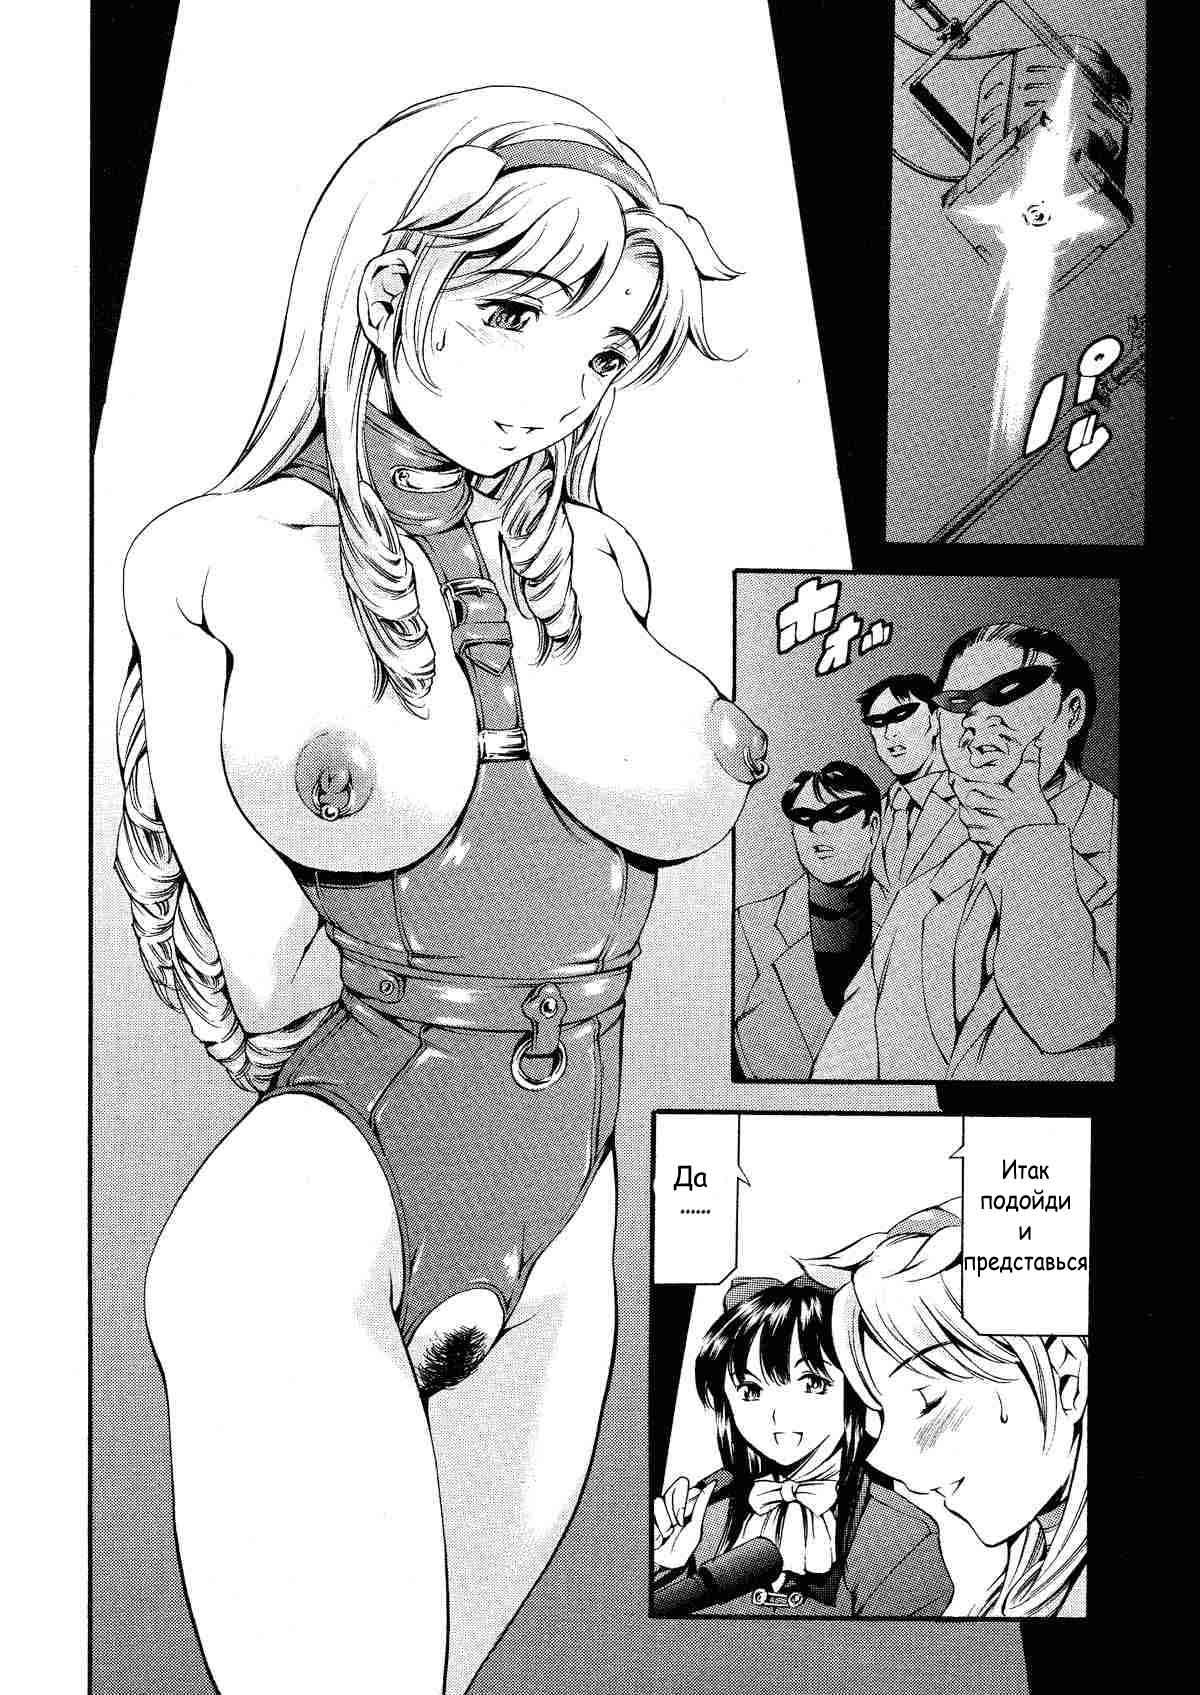 Я секс рабыня читать онлайн 8 фотография